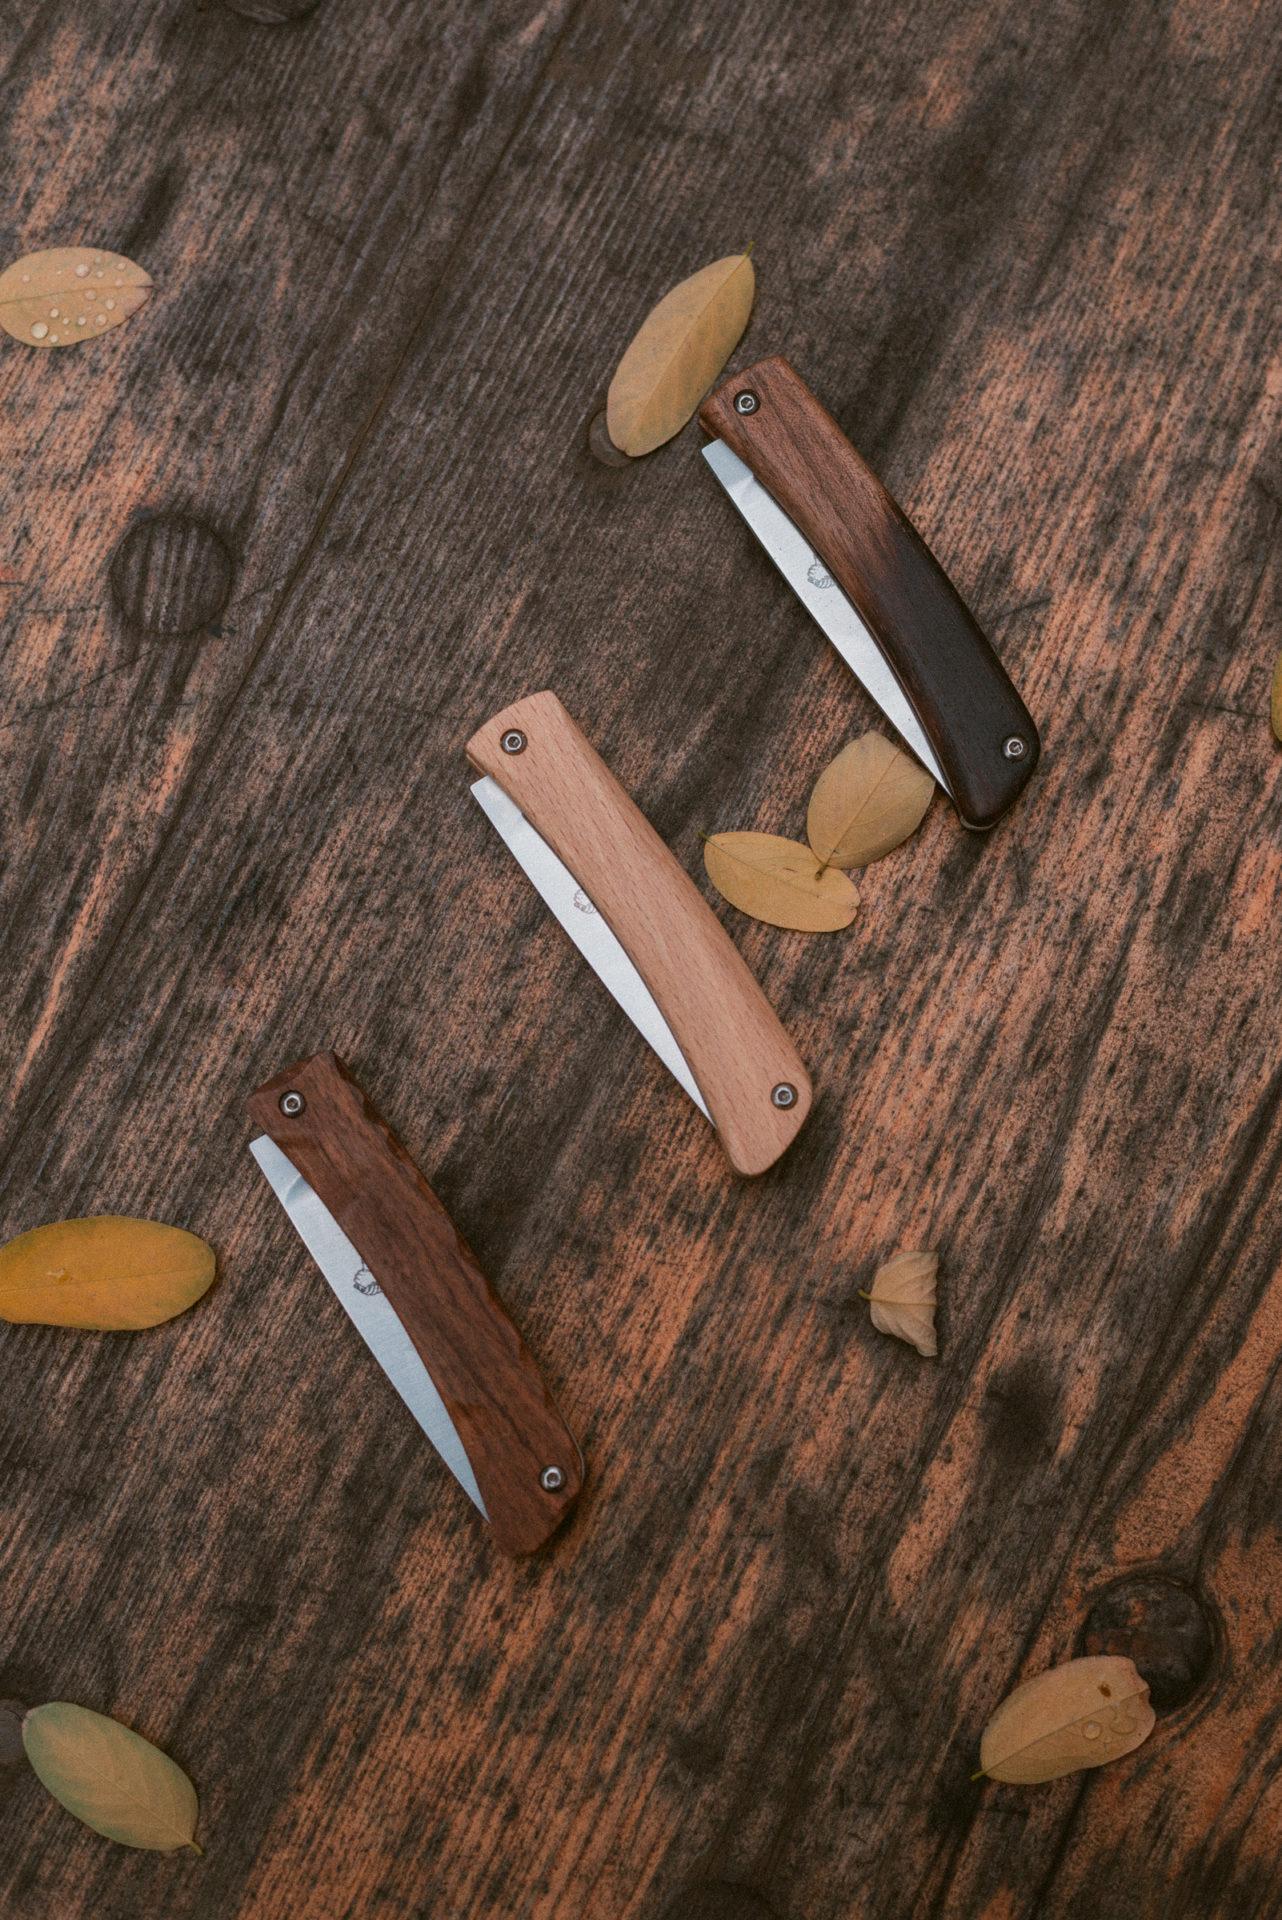 trois couteaux sur une table en bois